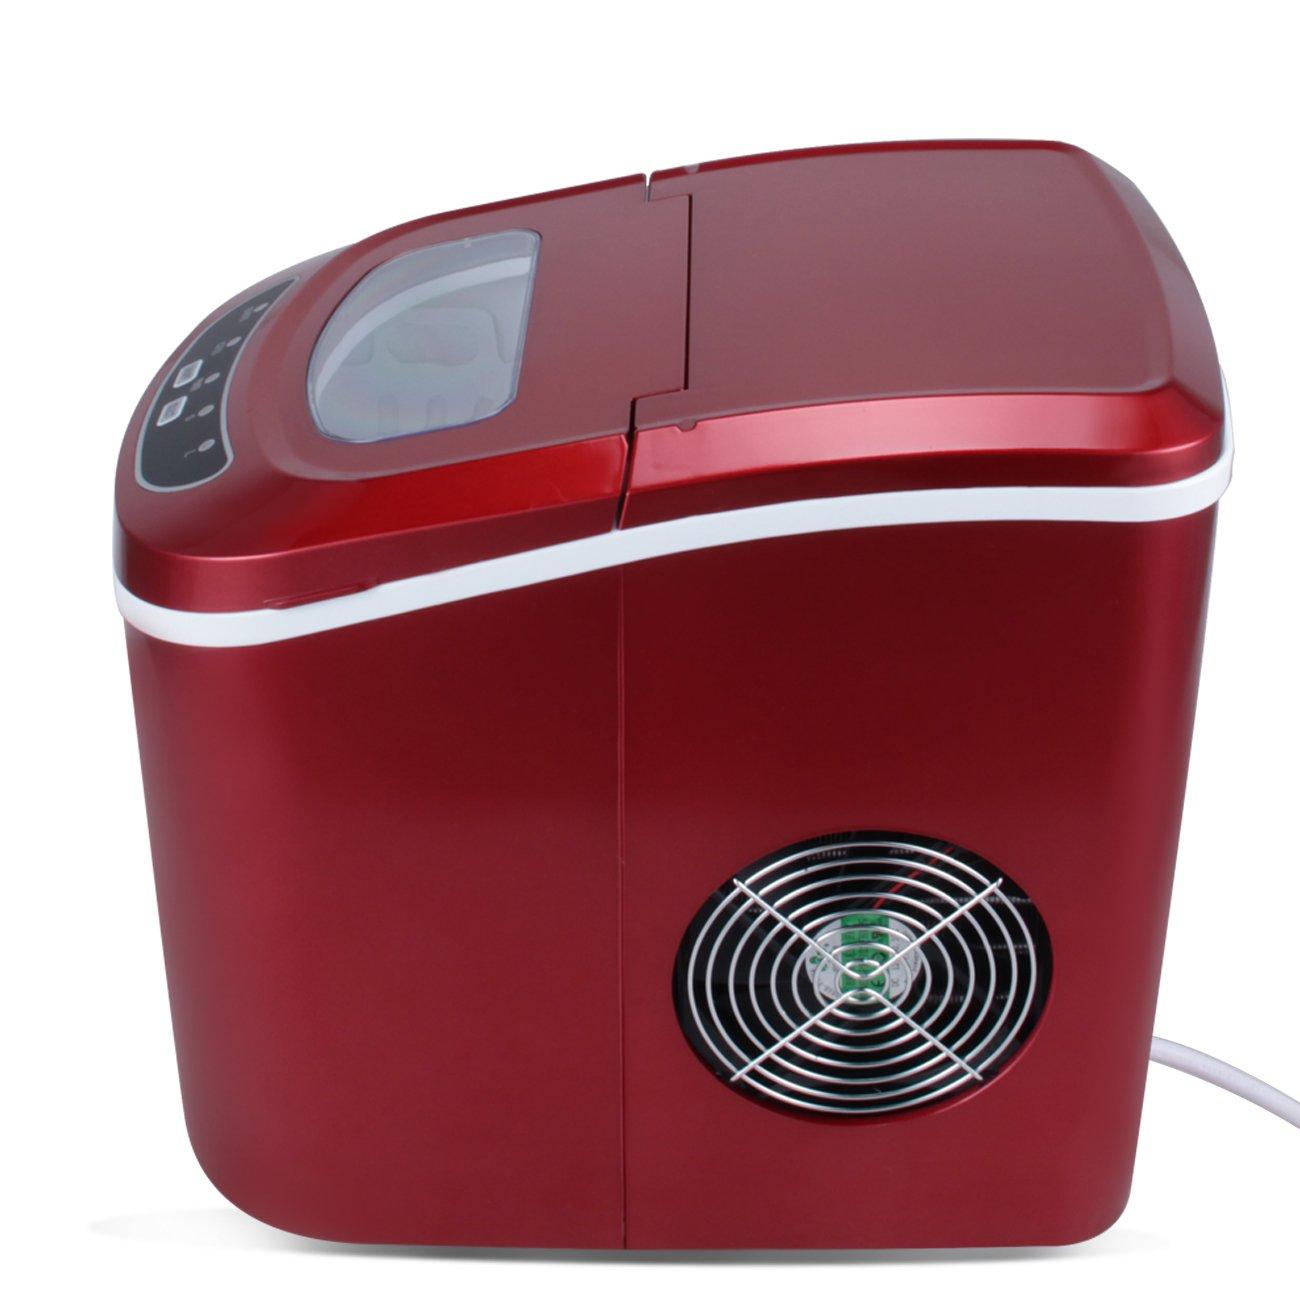 Della Portable Electric Ice Maker Machine Producing 26 Lbs. Of Ice Per Day- Red by DELLA (Image #2)